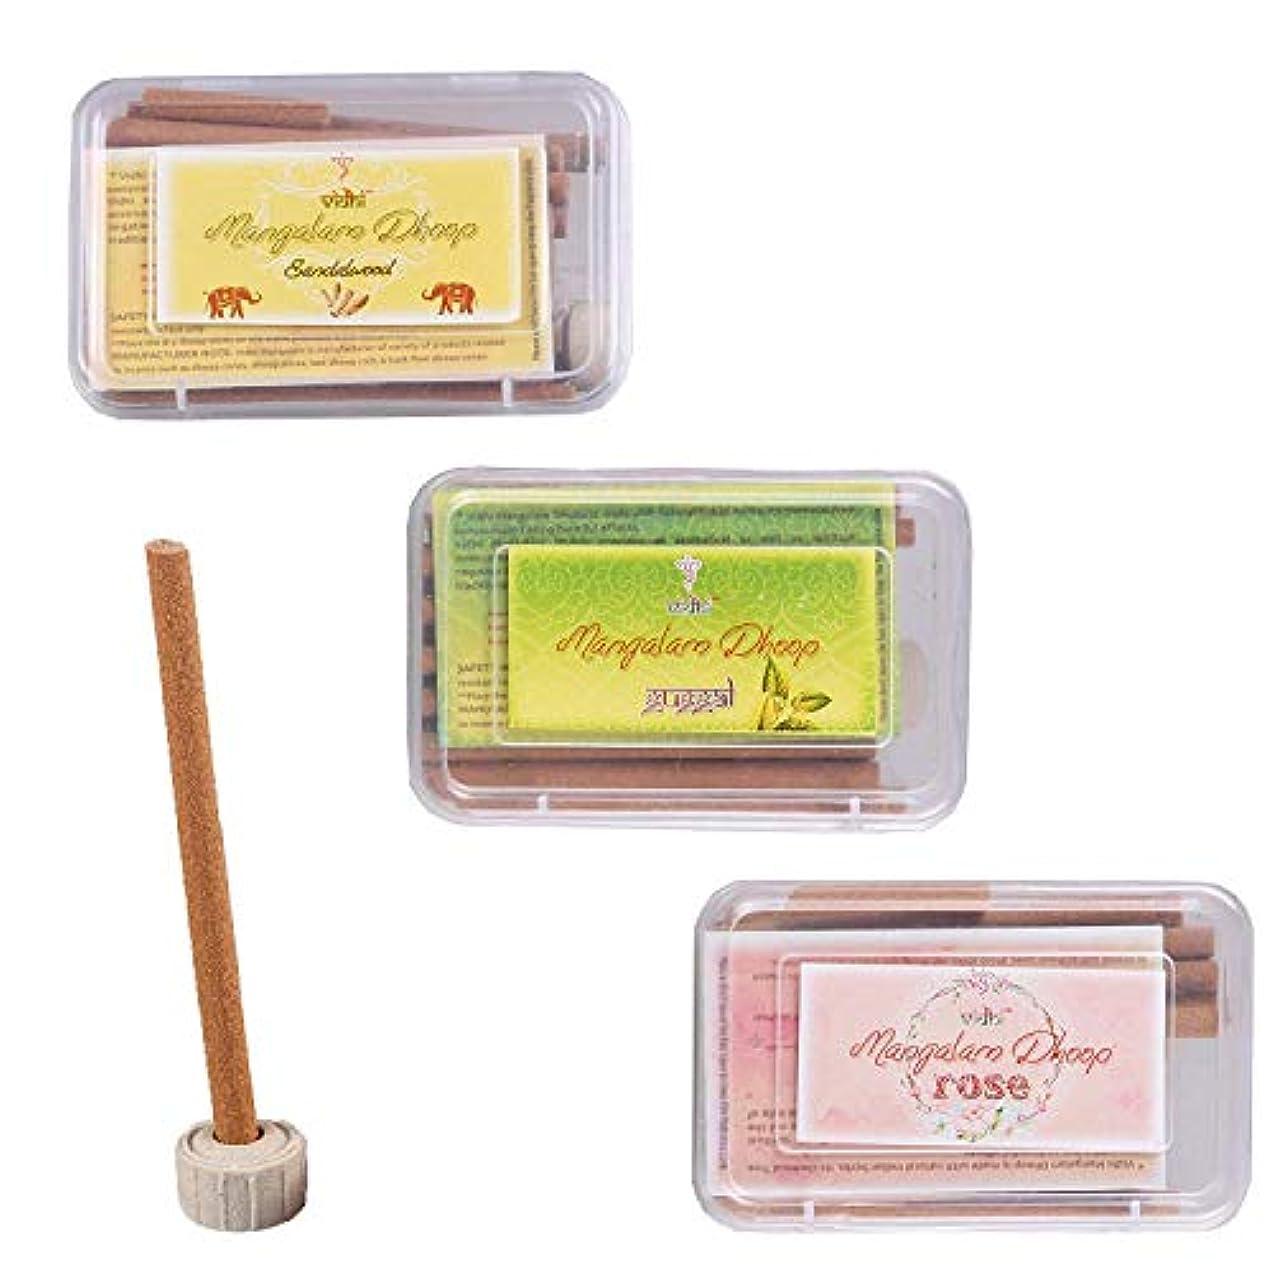 眠る改修するサポートVidhi Mangalam Dhoop Sticks Pack/Boxes (Guggal, Rose and Sandalwood) - Pack of 120 Dhoop Sticks (Natural Dhoop...